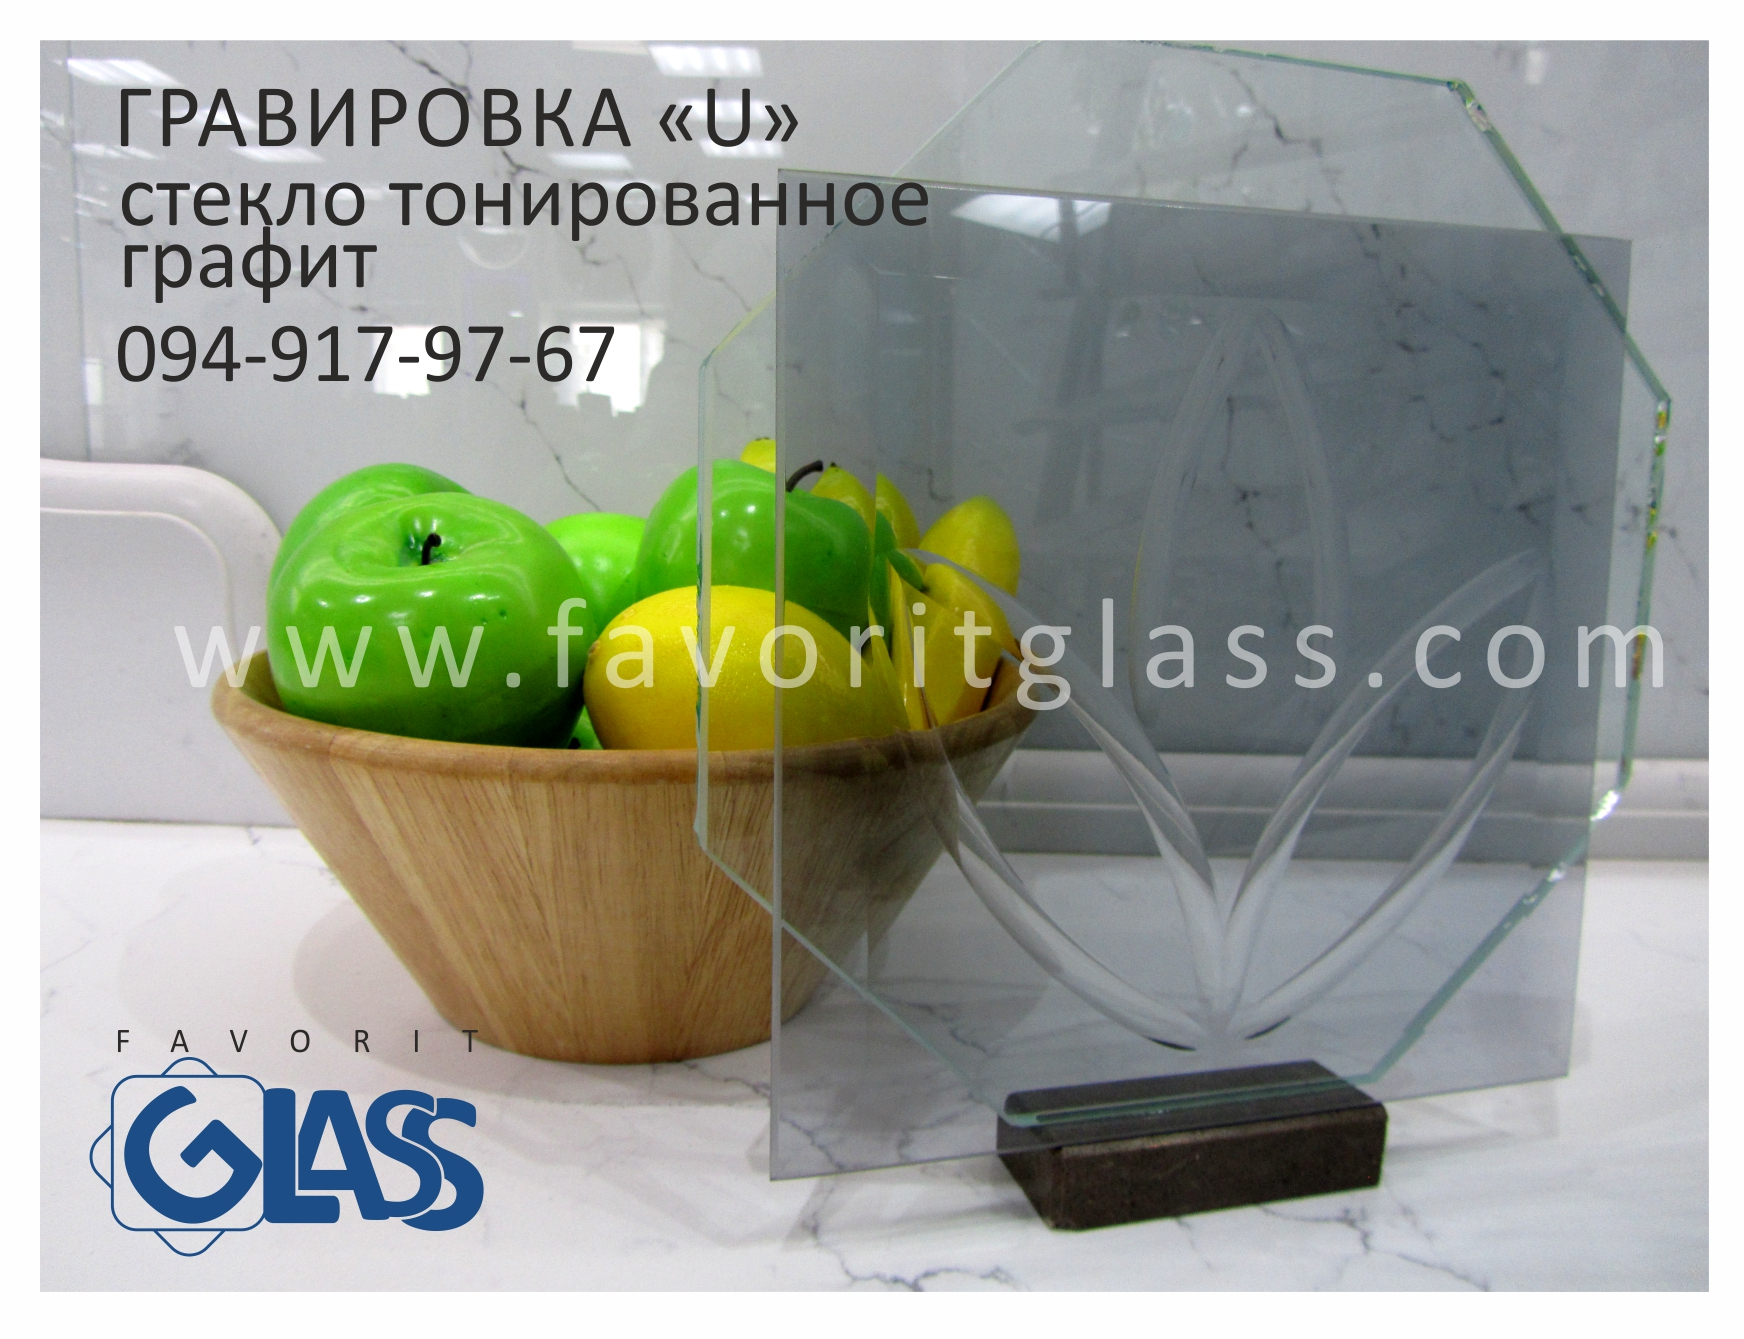 Алмазная Гравировка U на стекле графит.j